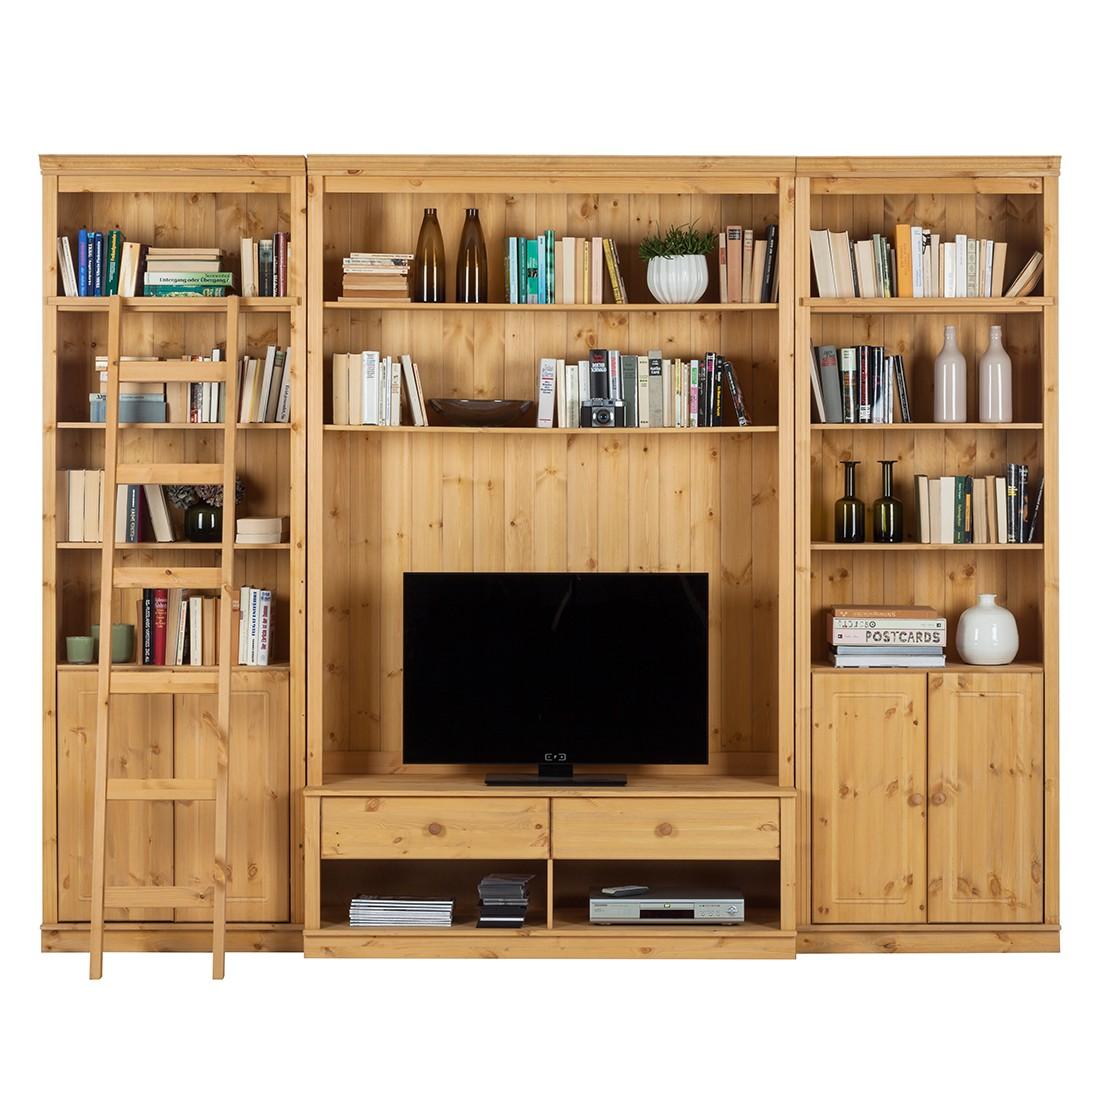 Home 24 - Ensemble de meubles tv lillehammer ii (3 éléments) - pin massif - epicéa, maison belfort